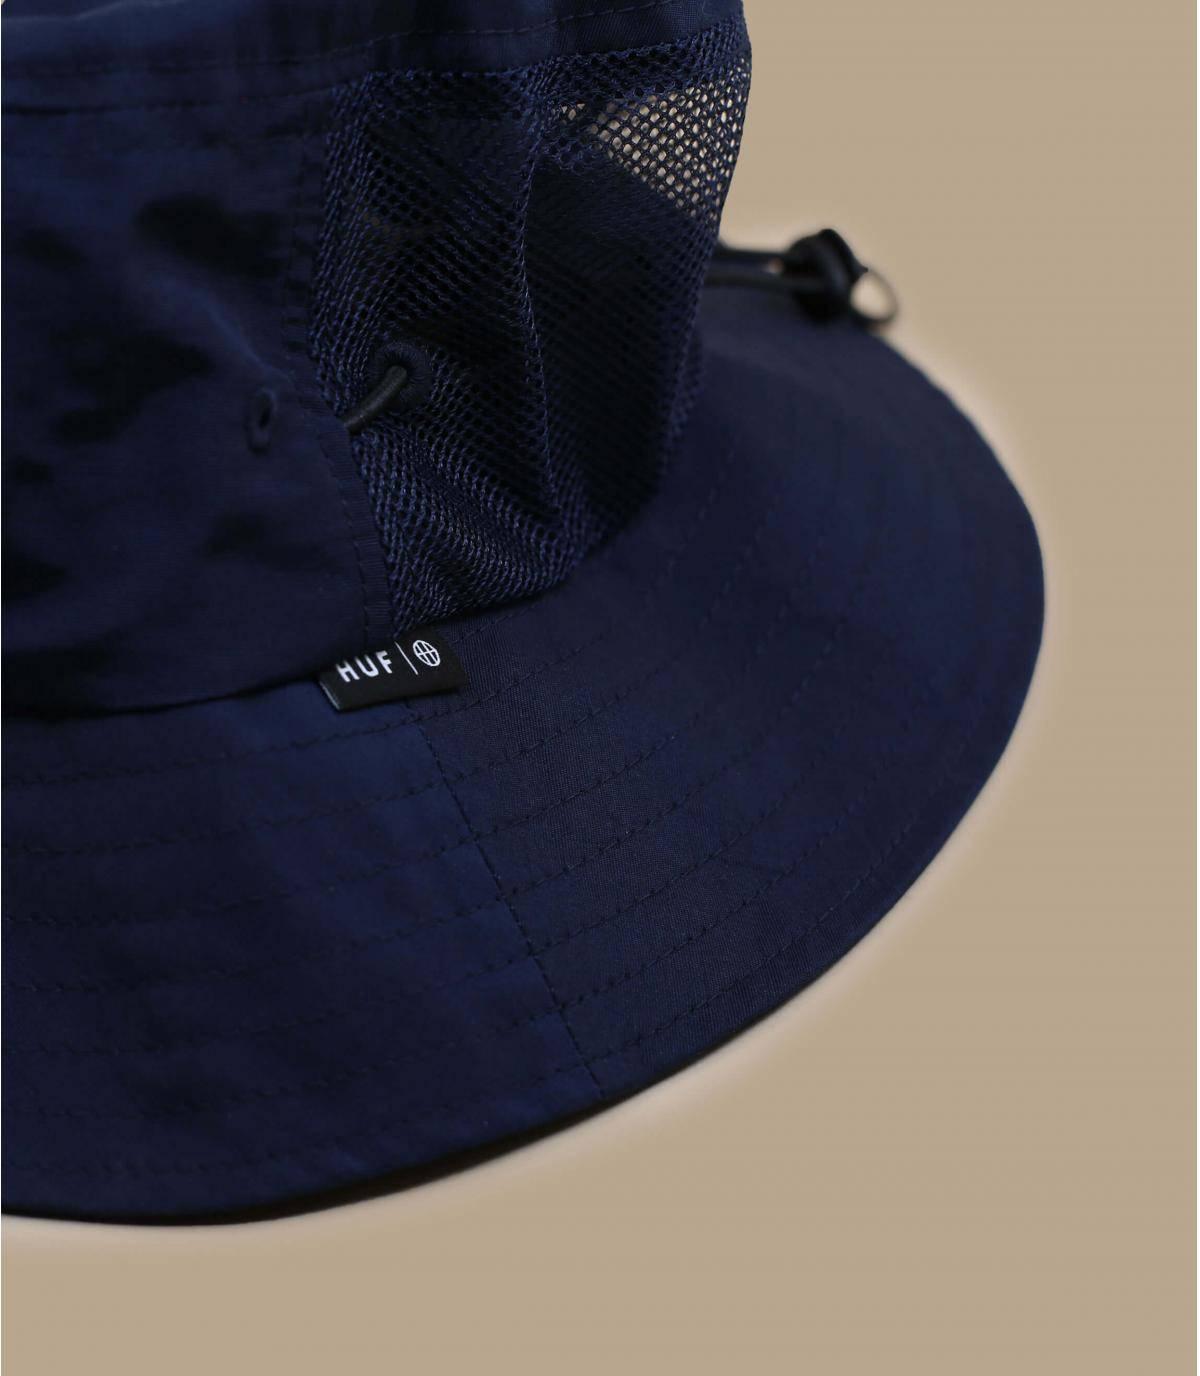 Détails Abbott Fishing Hat navy - image 3